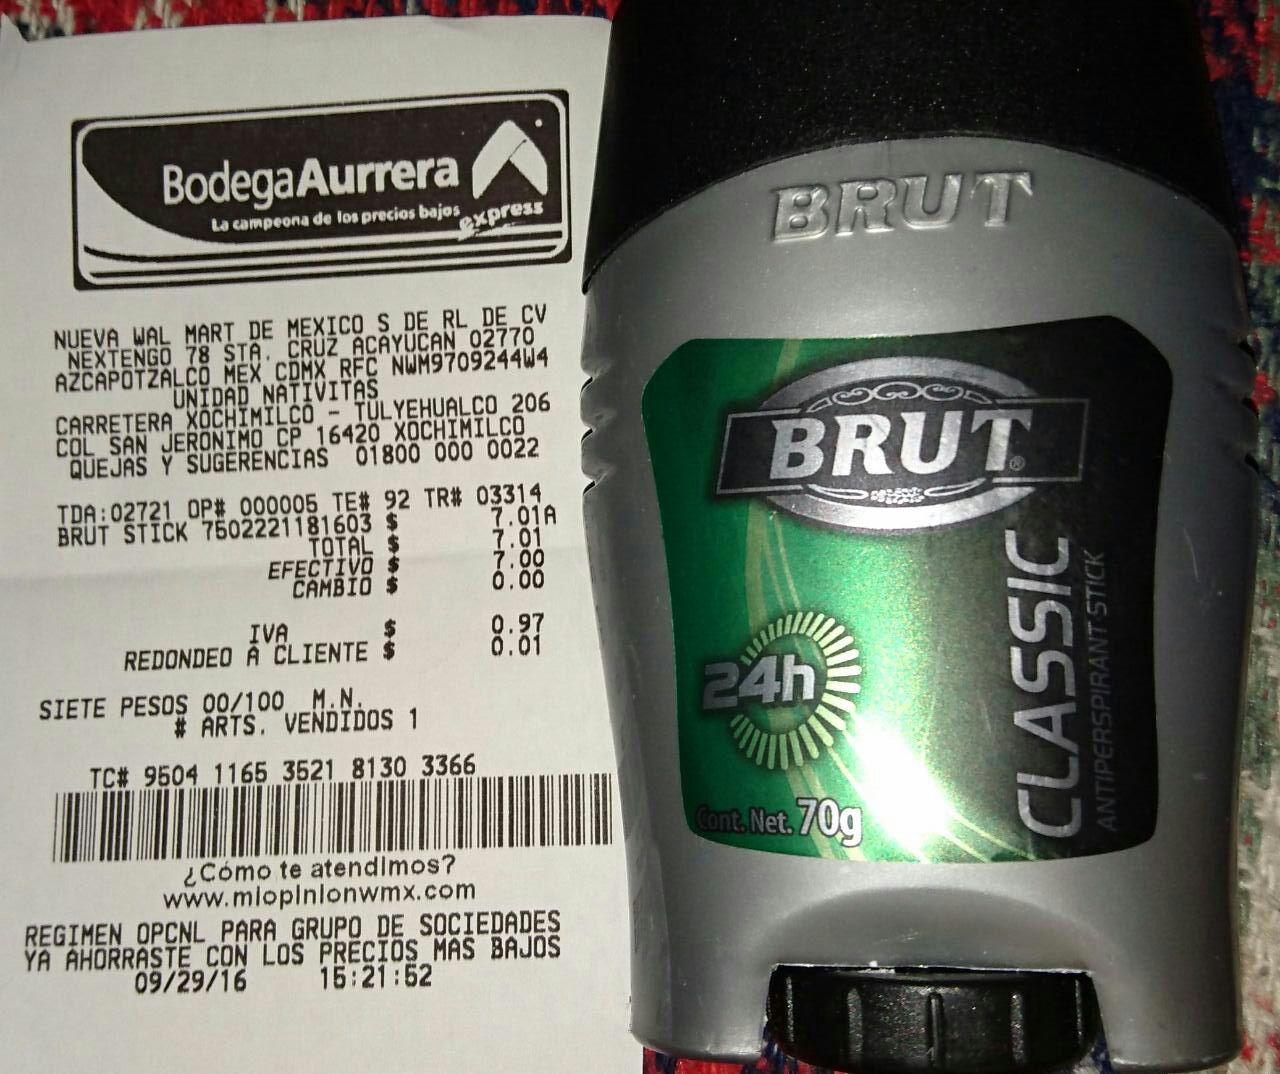 Bodega Aurrerá Nativitas: antitranspirante Brut 70g a $7.01